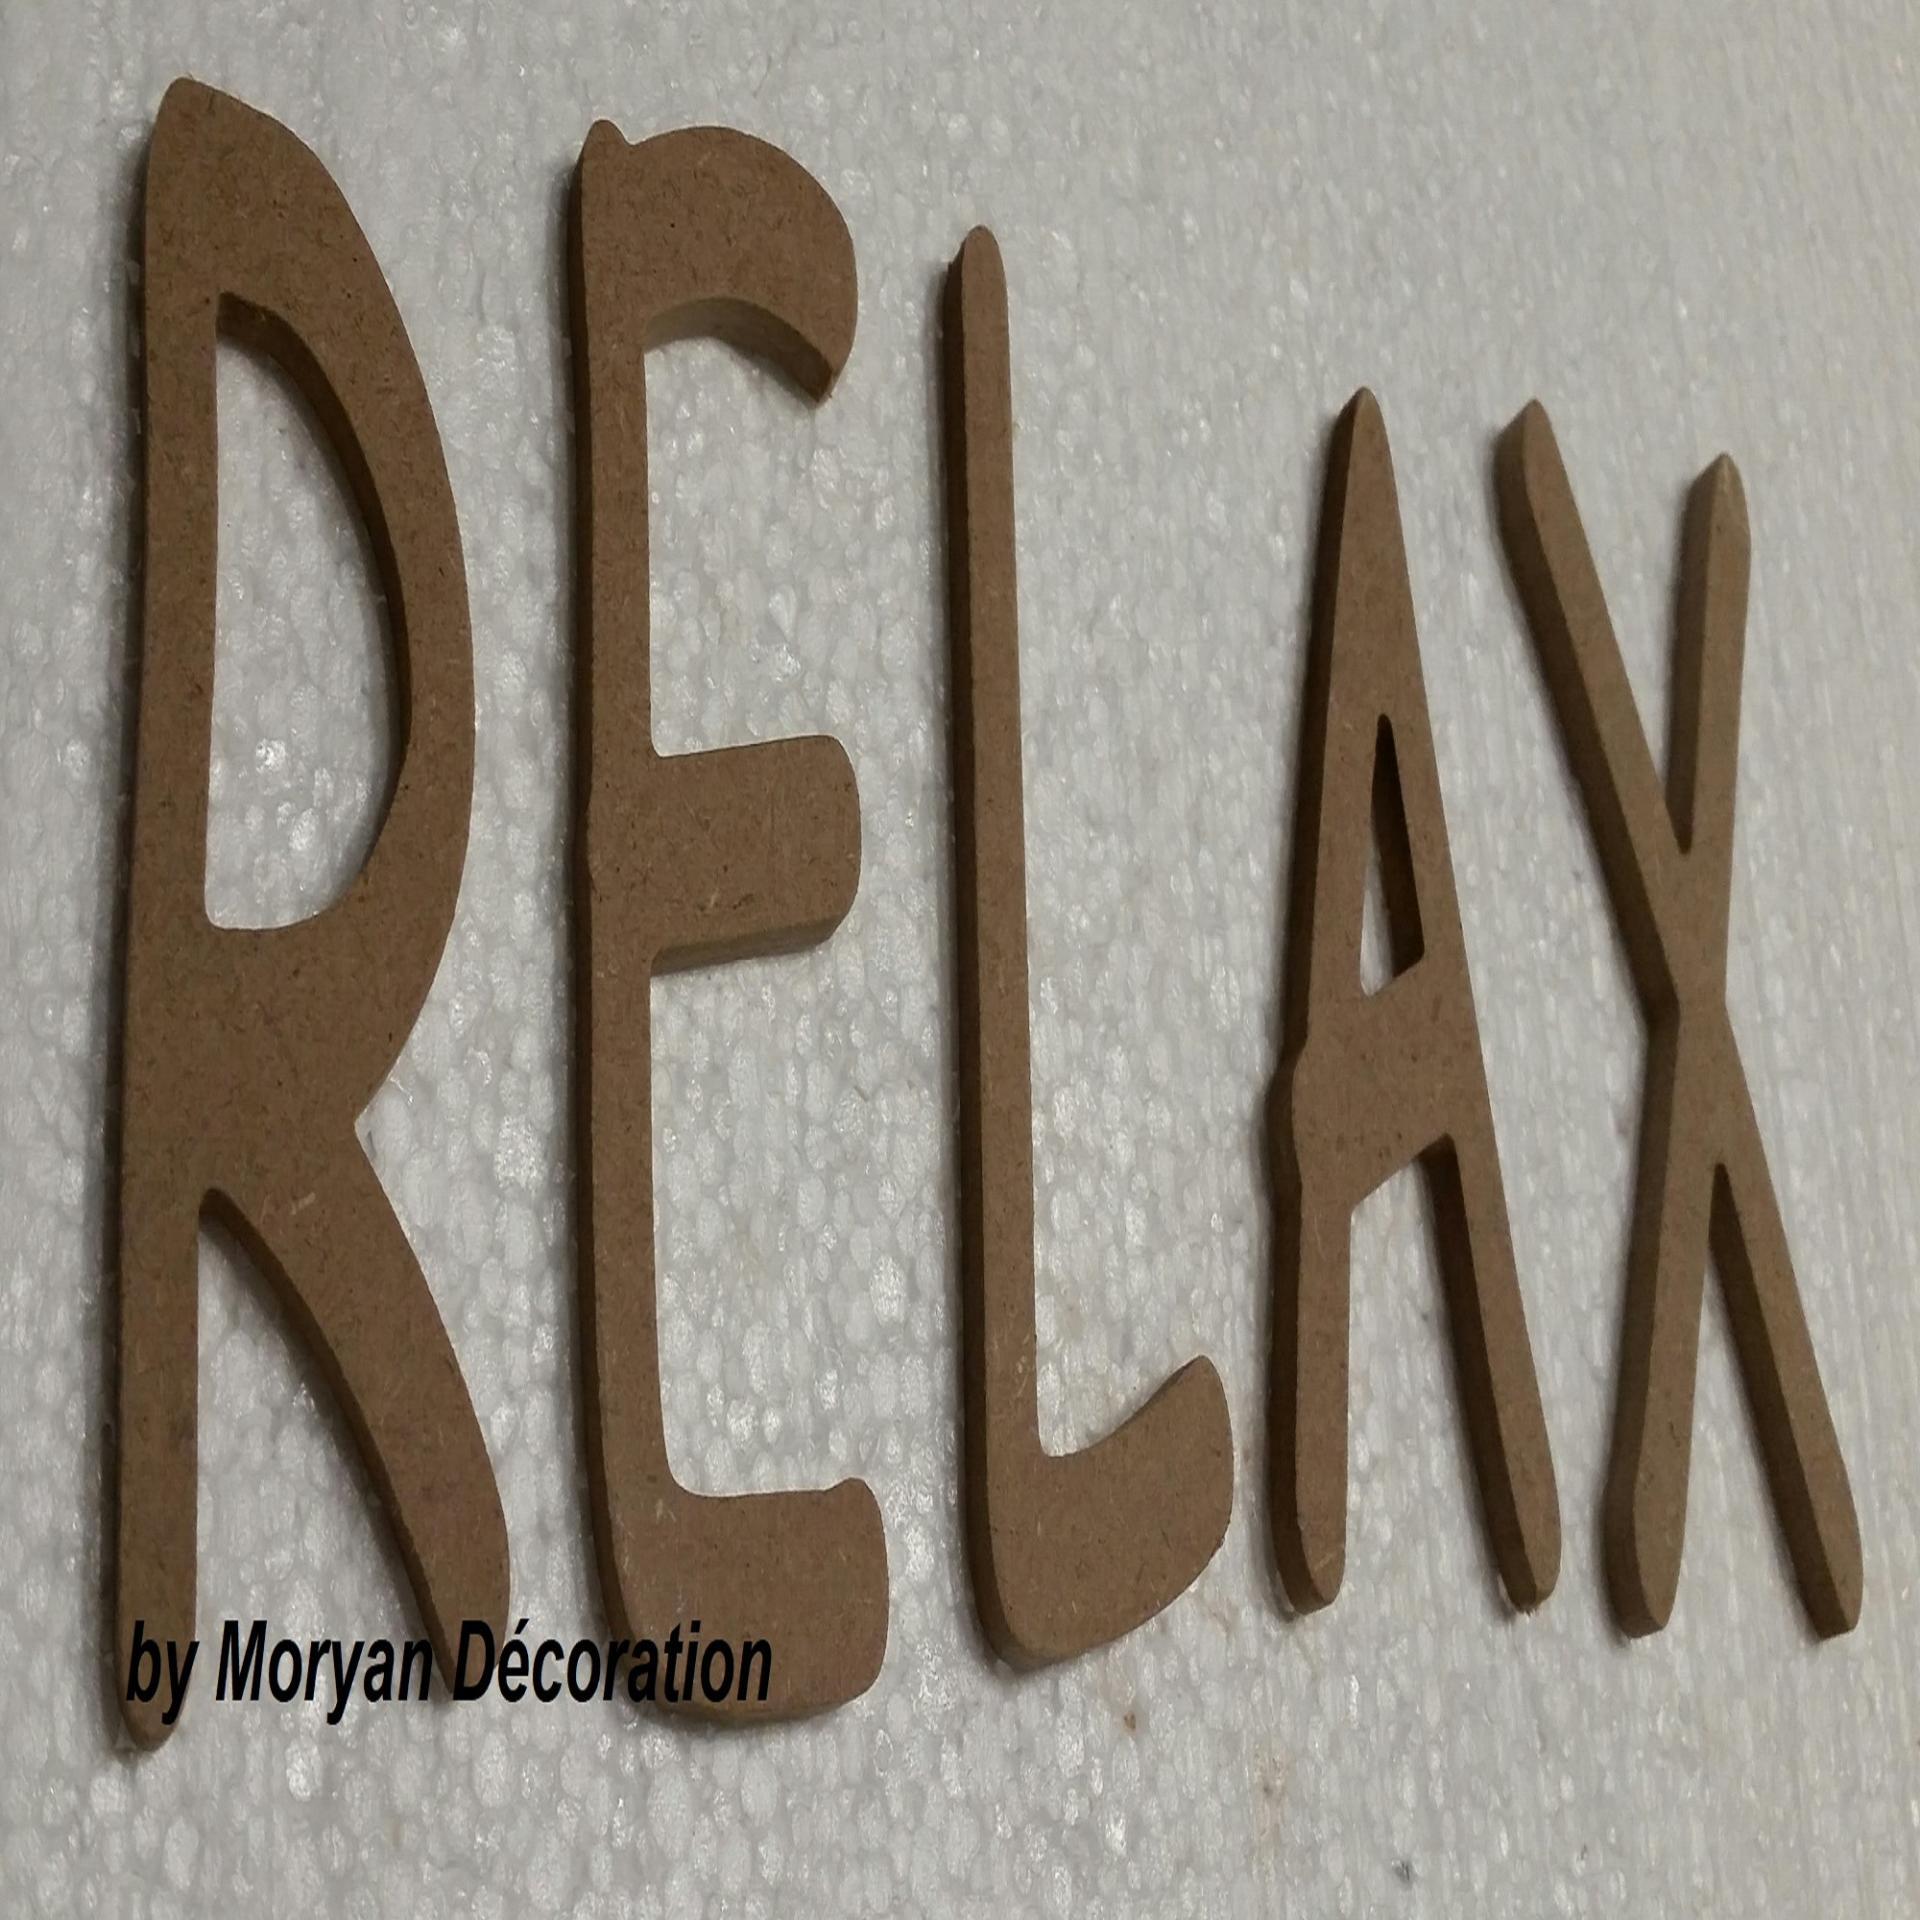 Lettres decoratives en bois a peindre ou a decorer relax